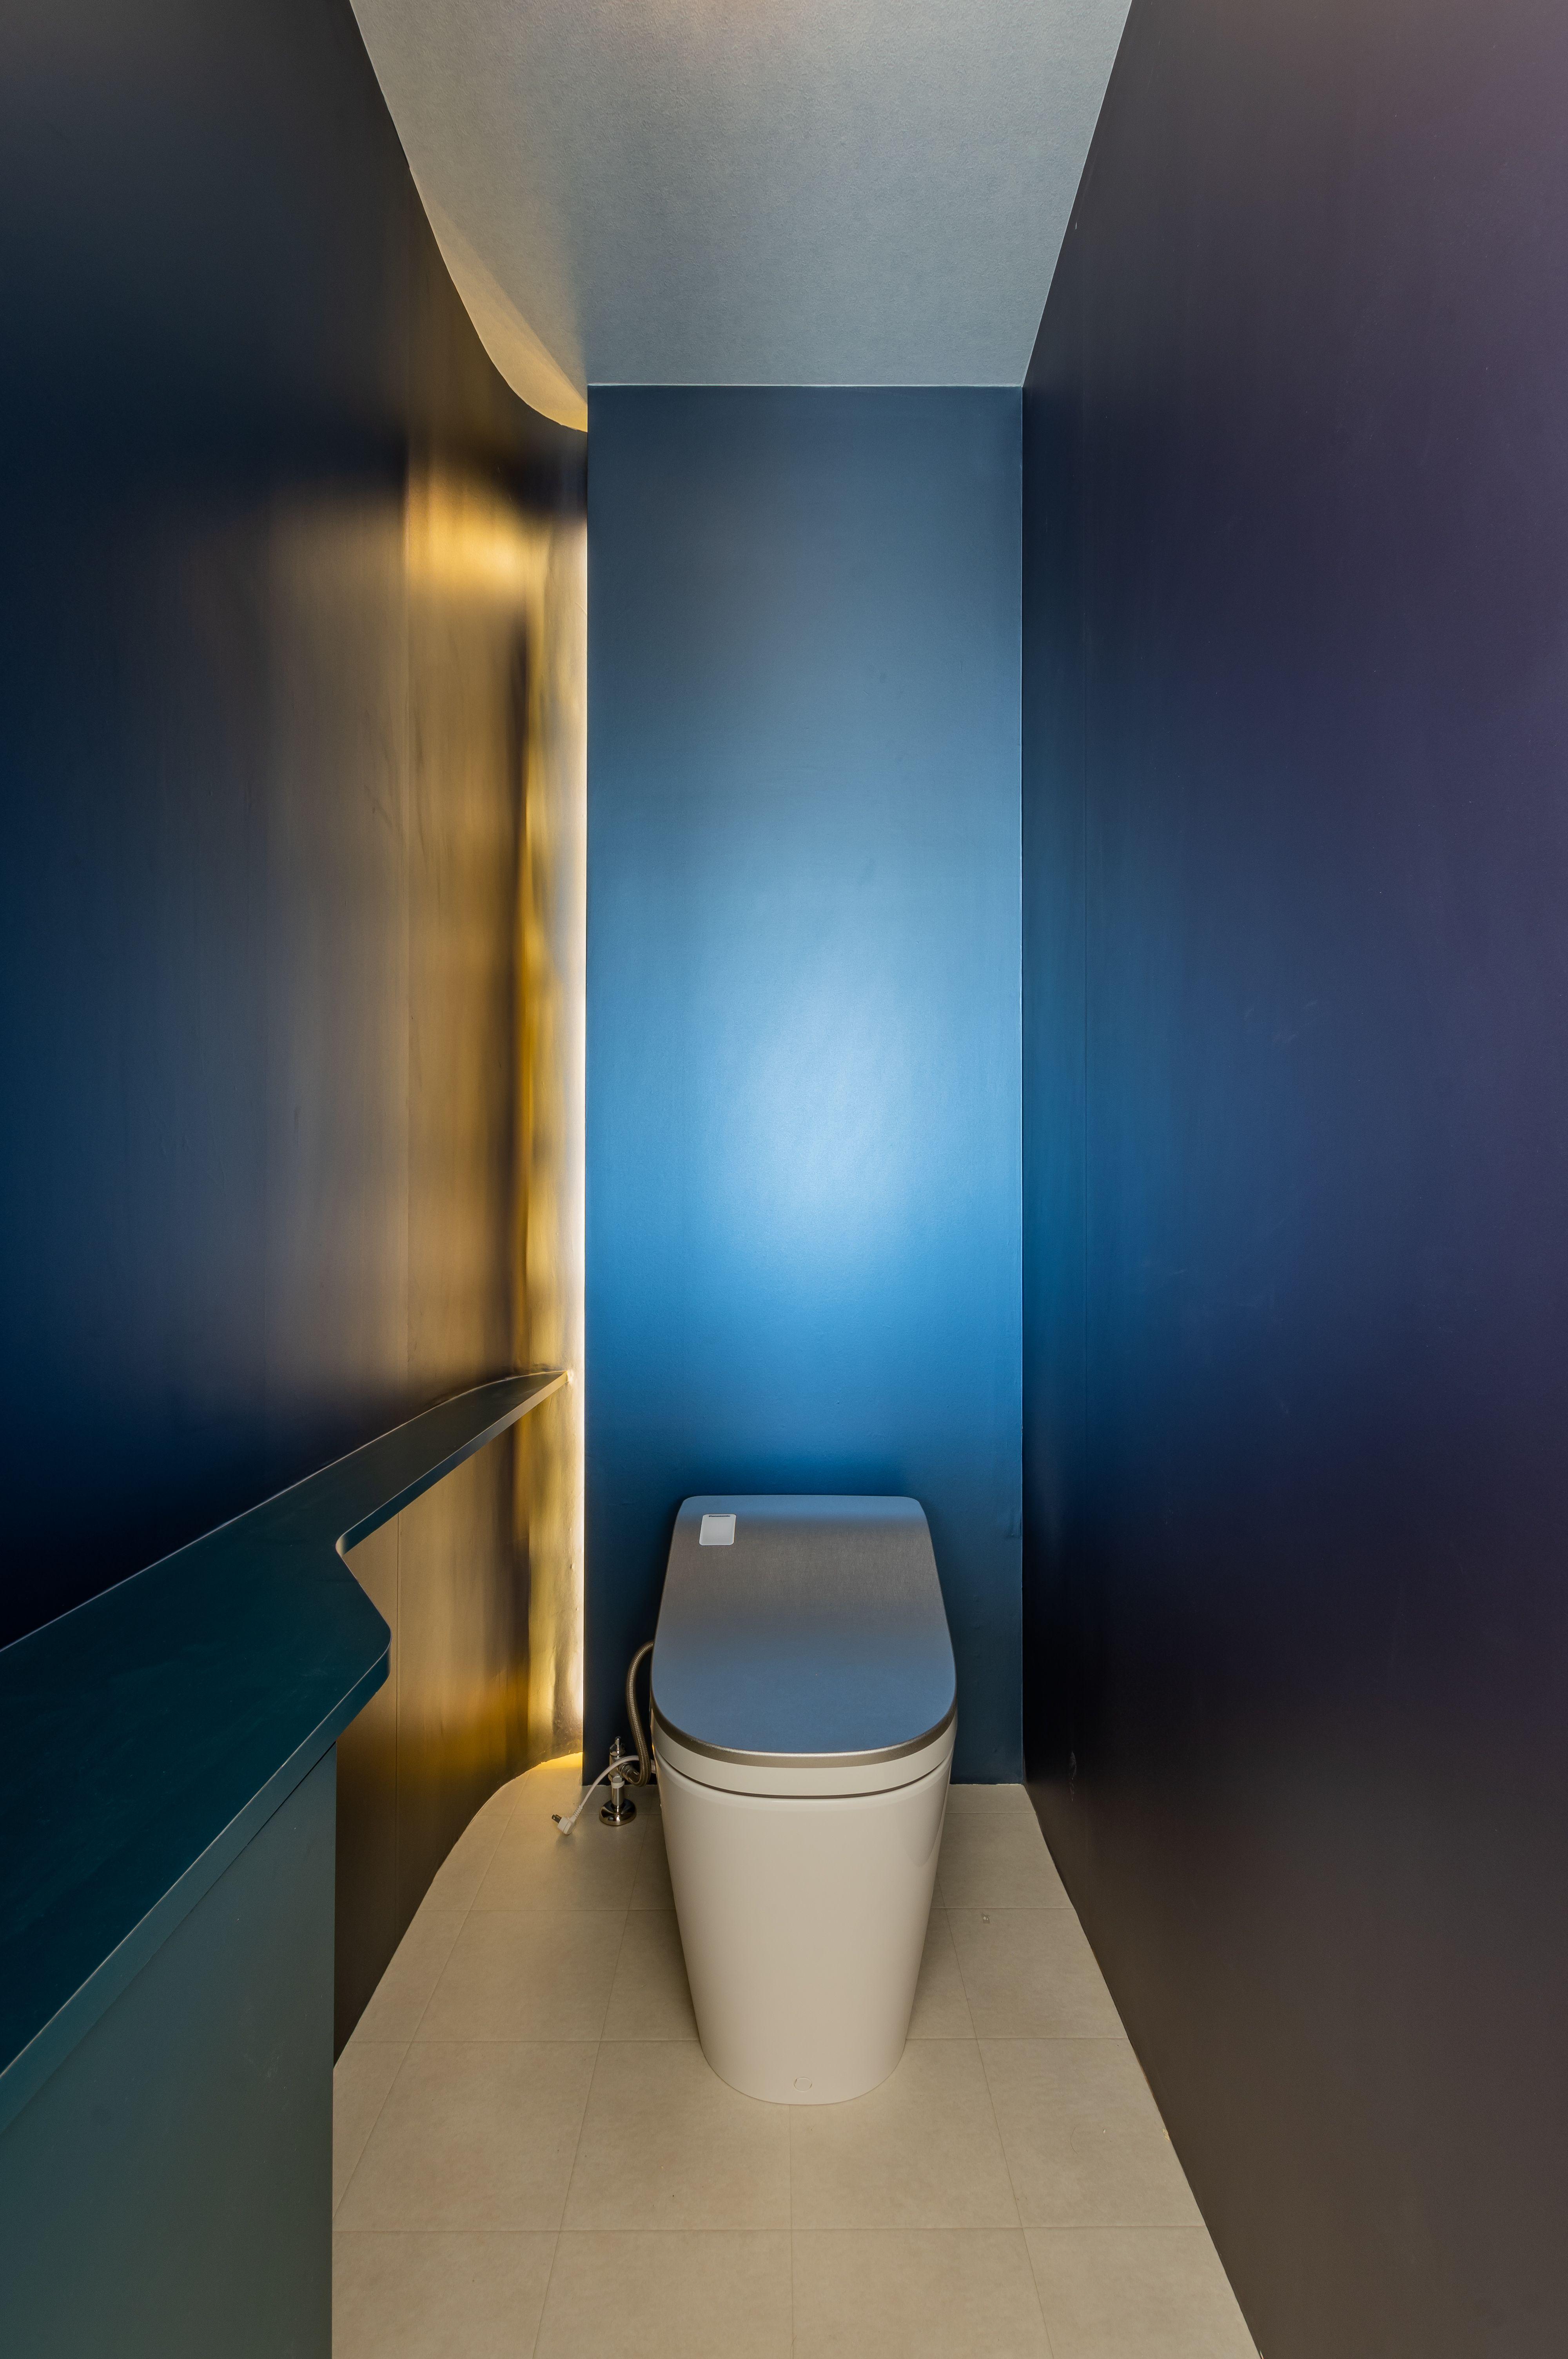 間接照明の使い方で神秘的でスタイリッシュなトイレに